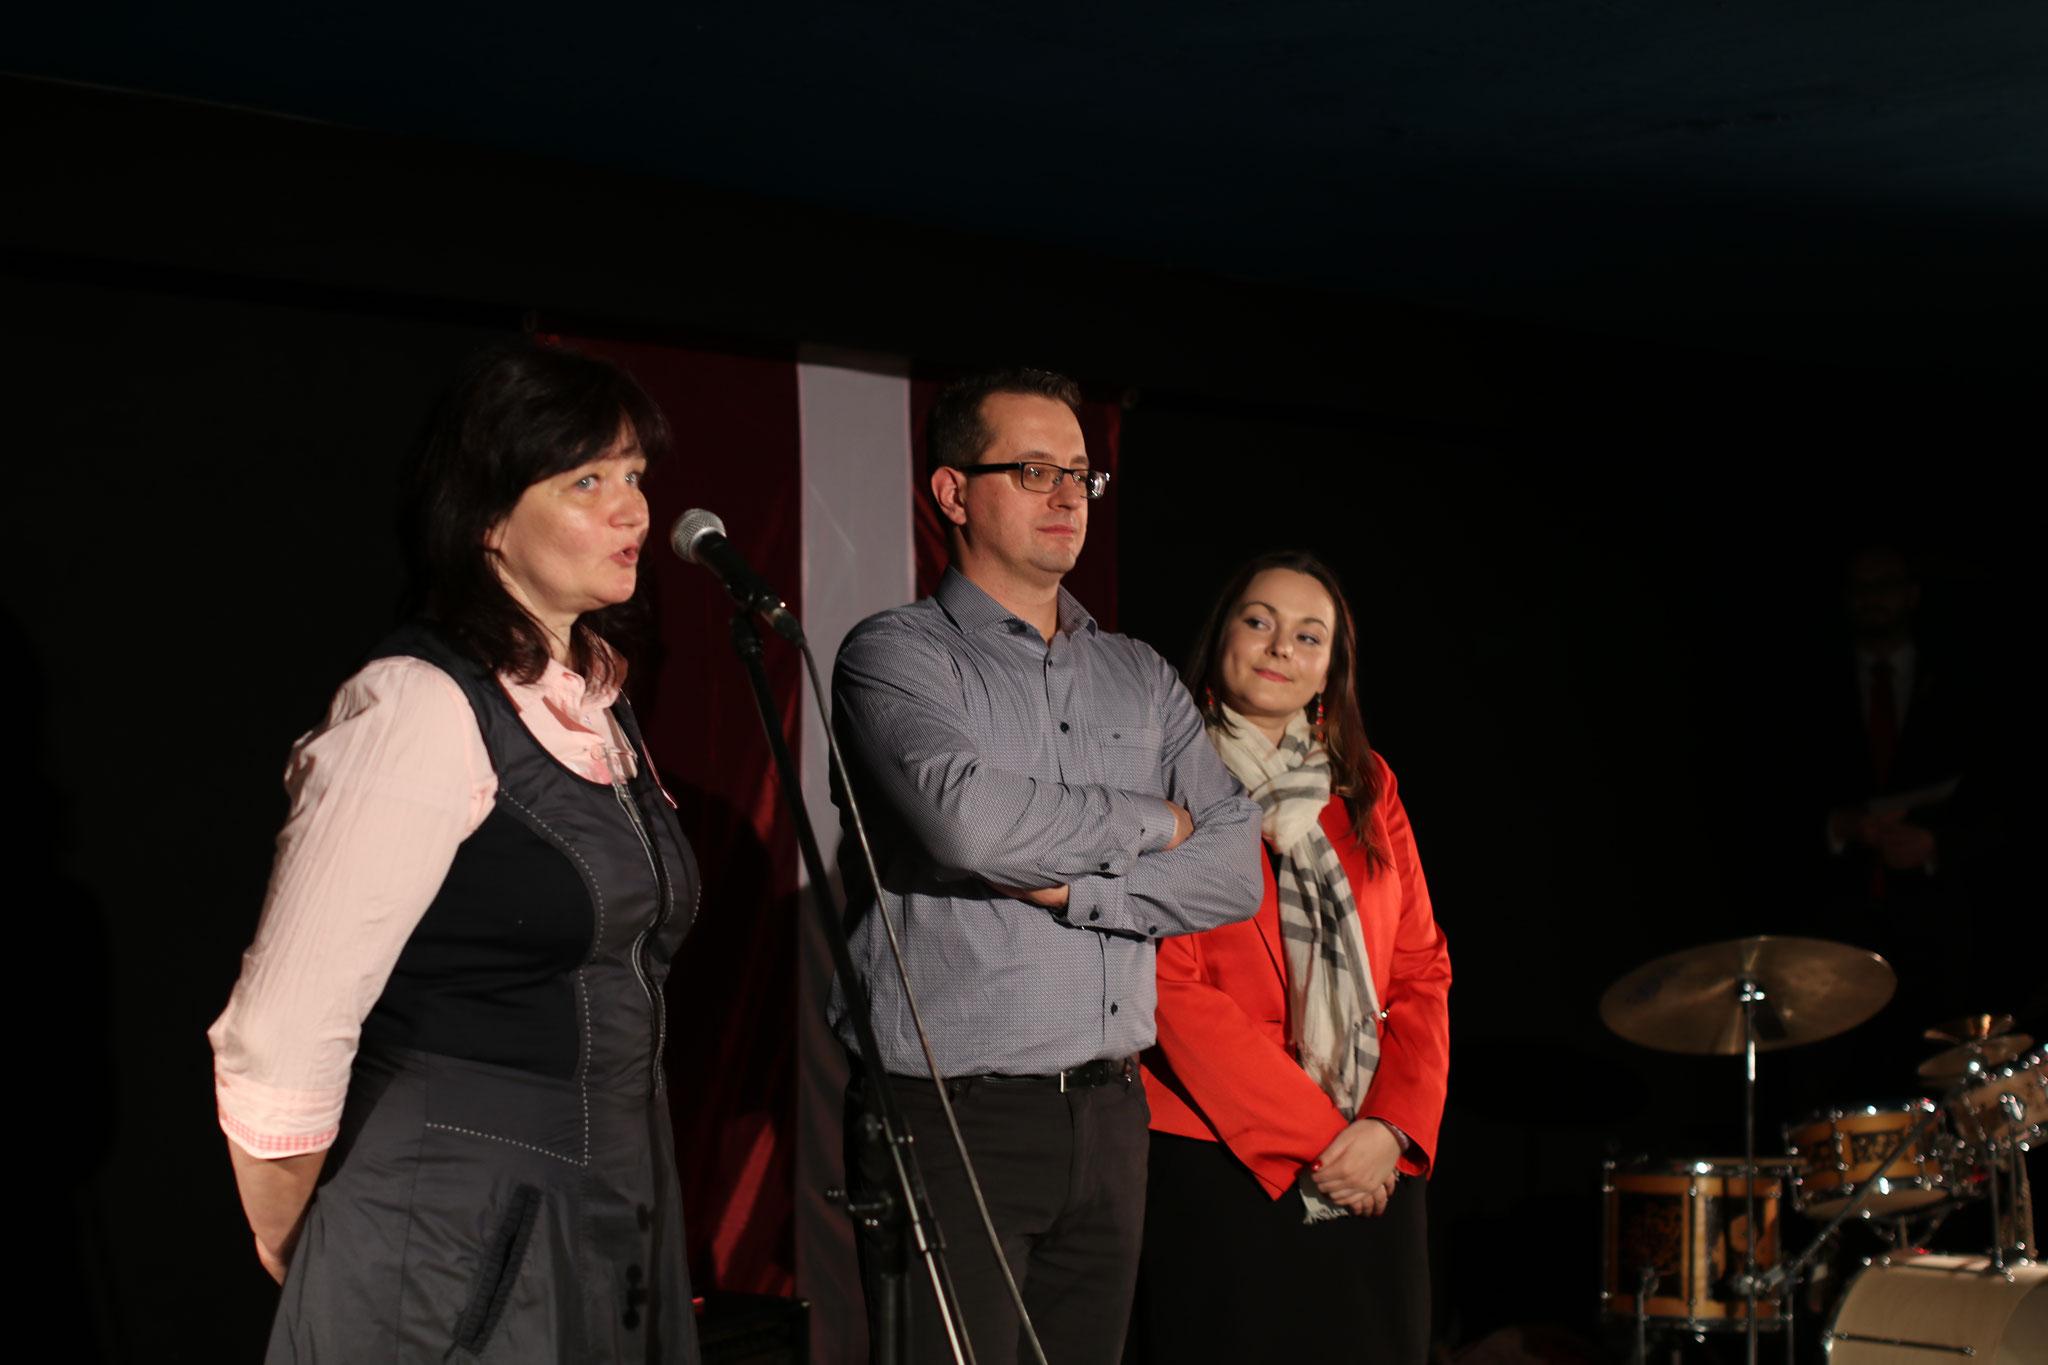 Izstādes darba grupa: Iveta, Kārlis, Laura